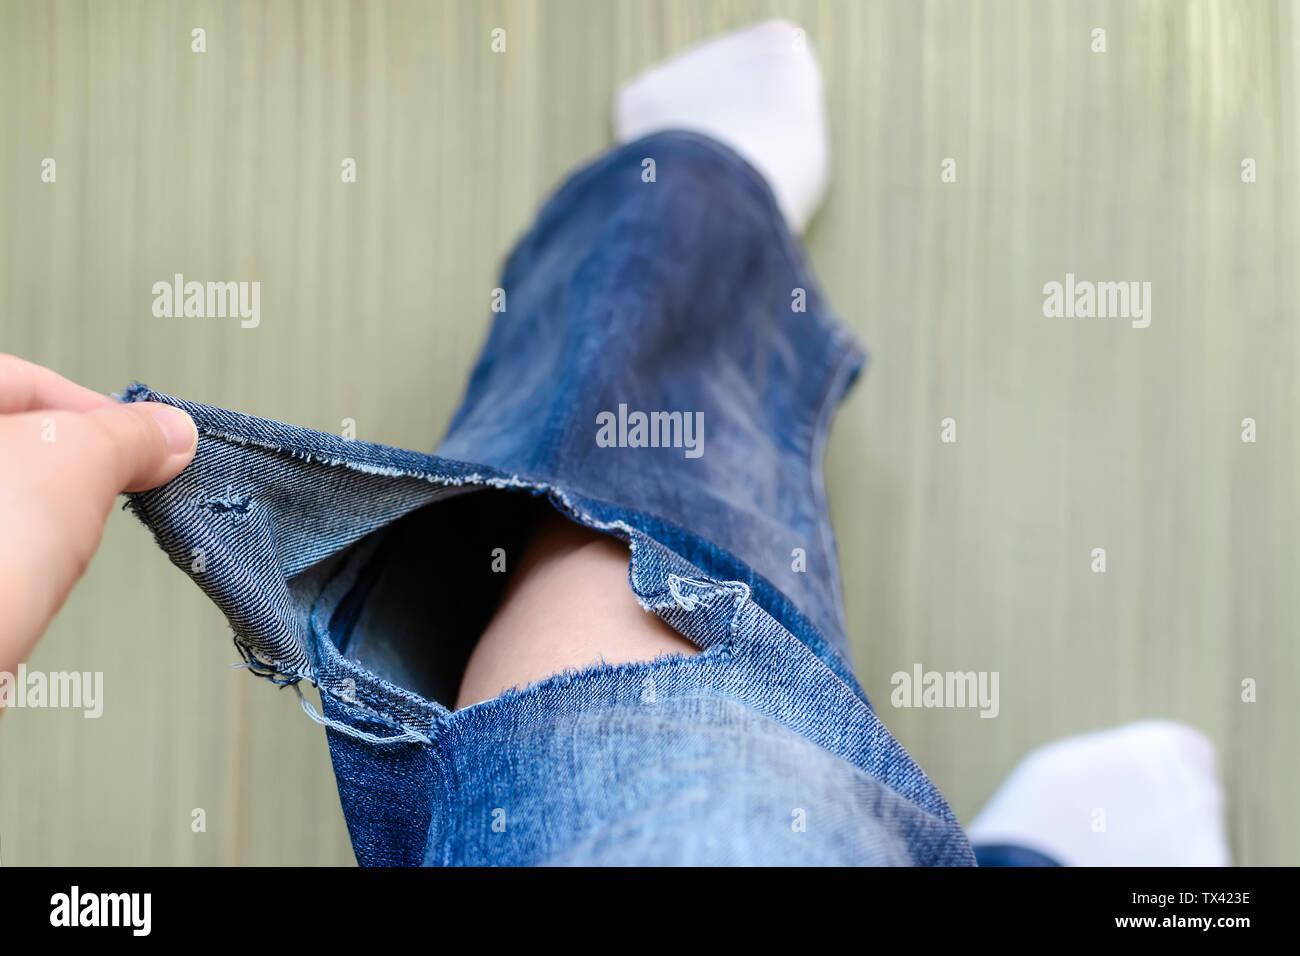 Mujer Mano Muestra Un Orificio En Un Par De Pantalones Vaqueros Mujer Vestida En Un Blue